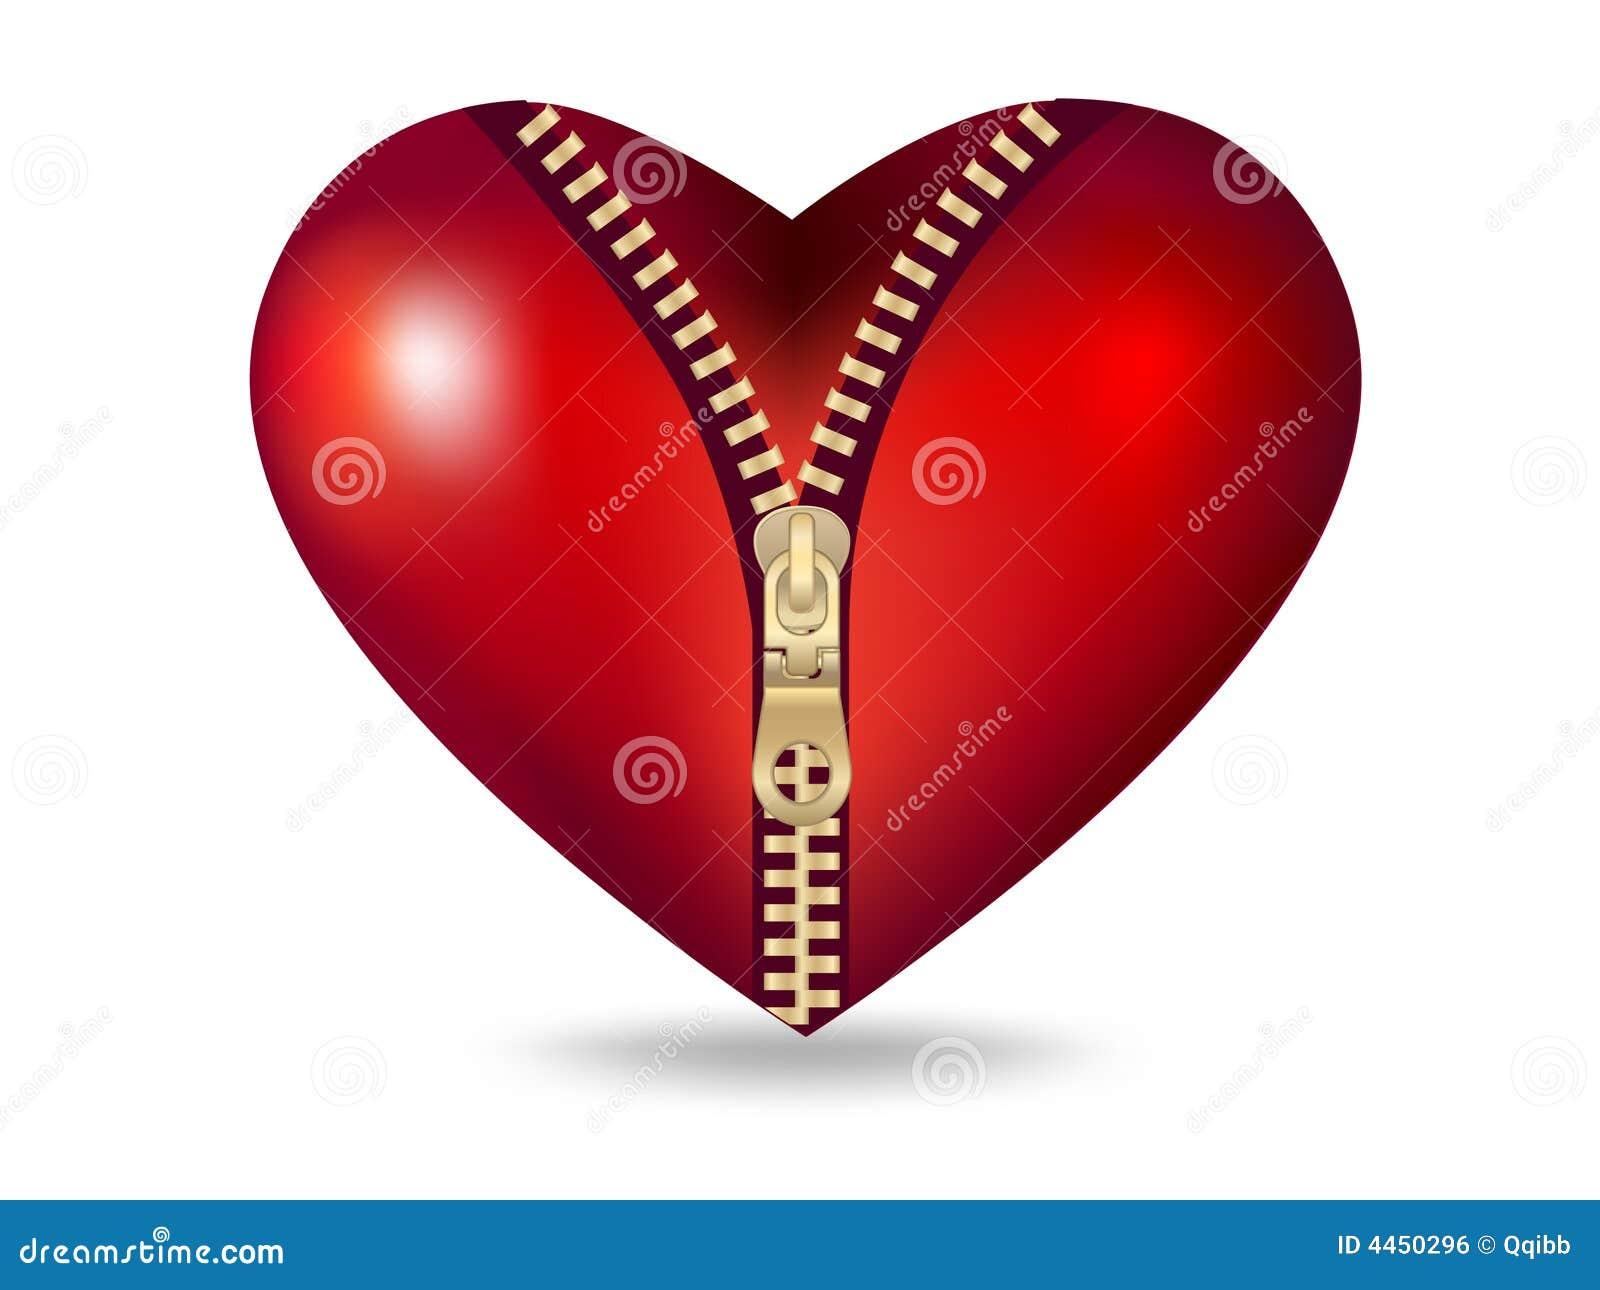 Clip-art De Coeur Rouge Avec La Tirette Image libre de droits - Image ...